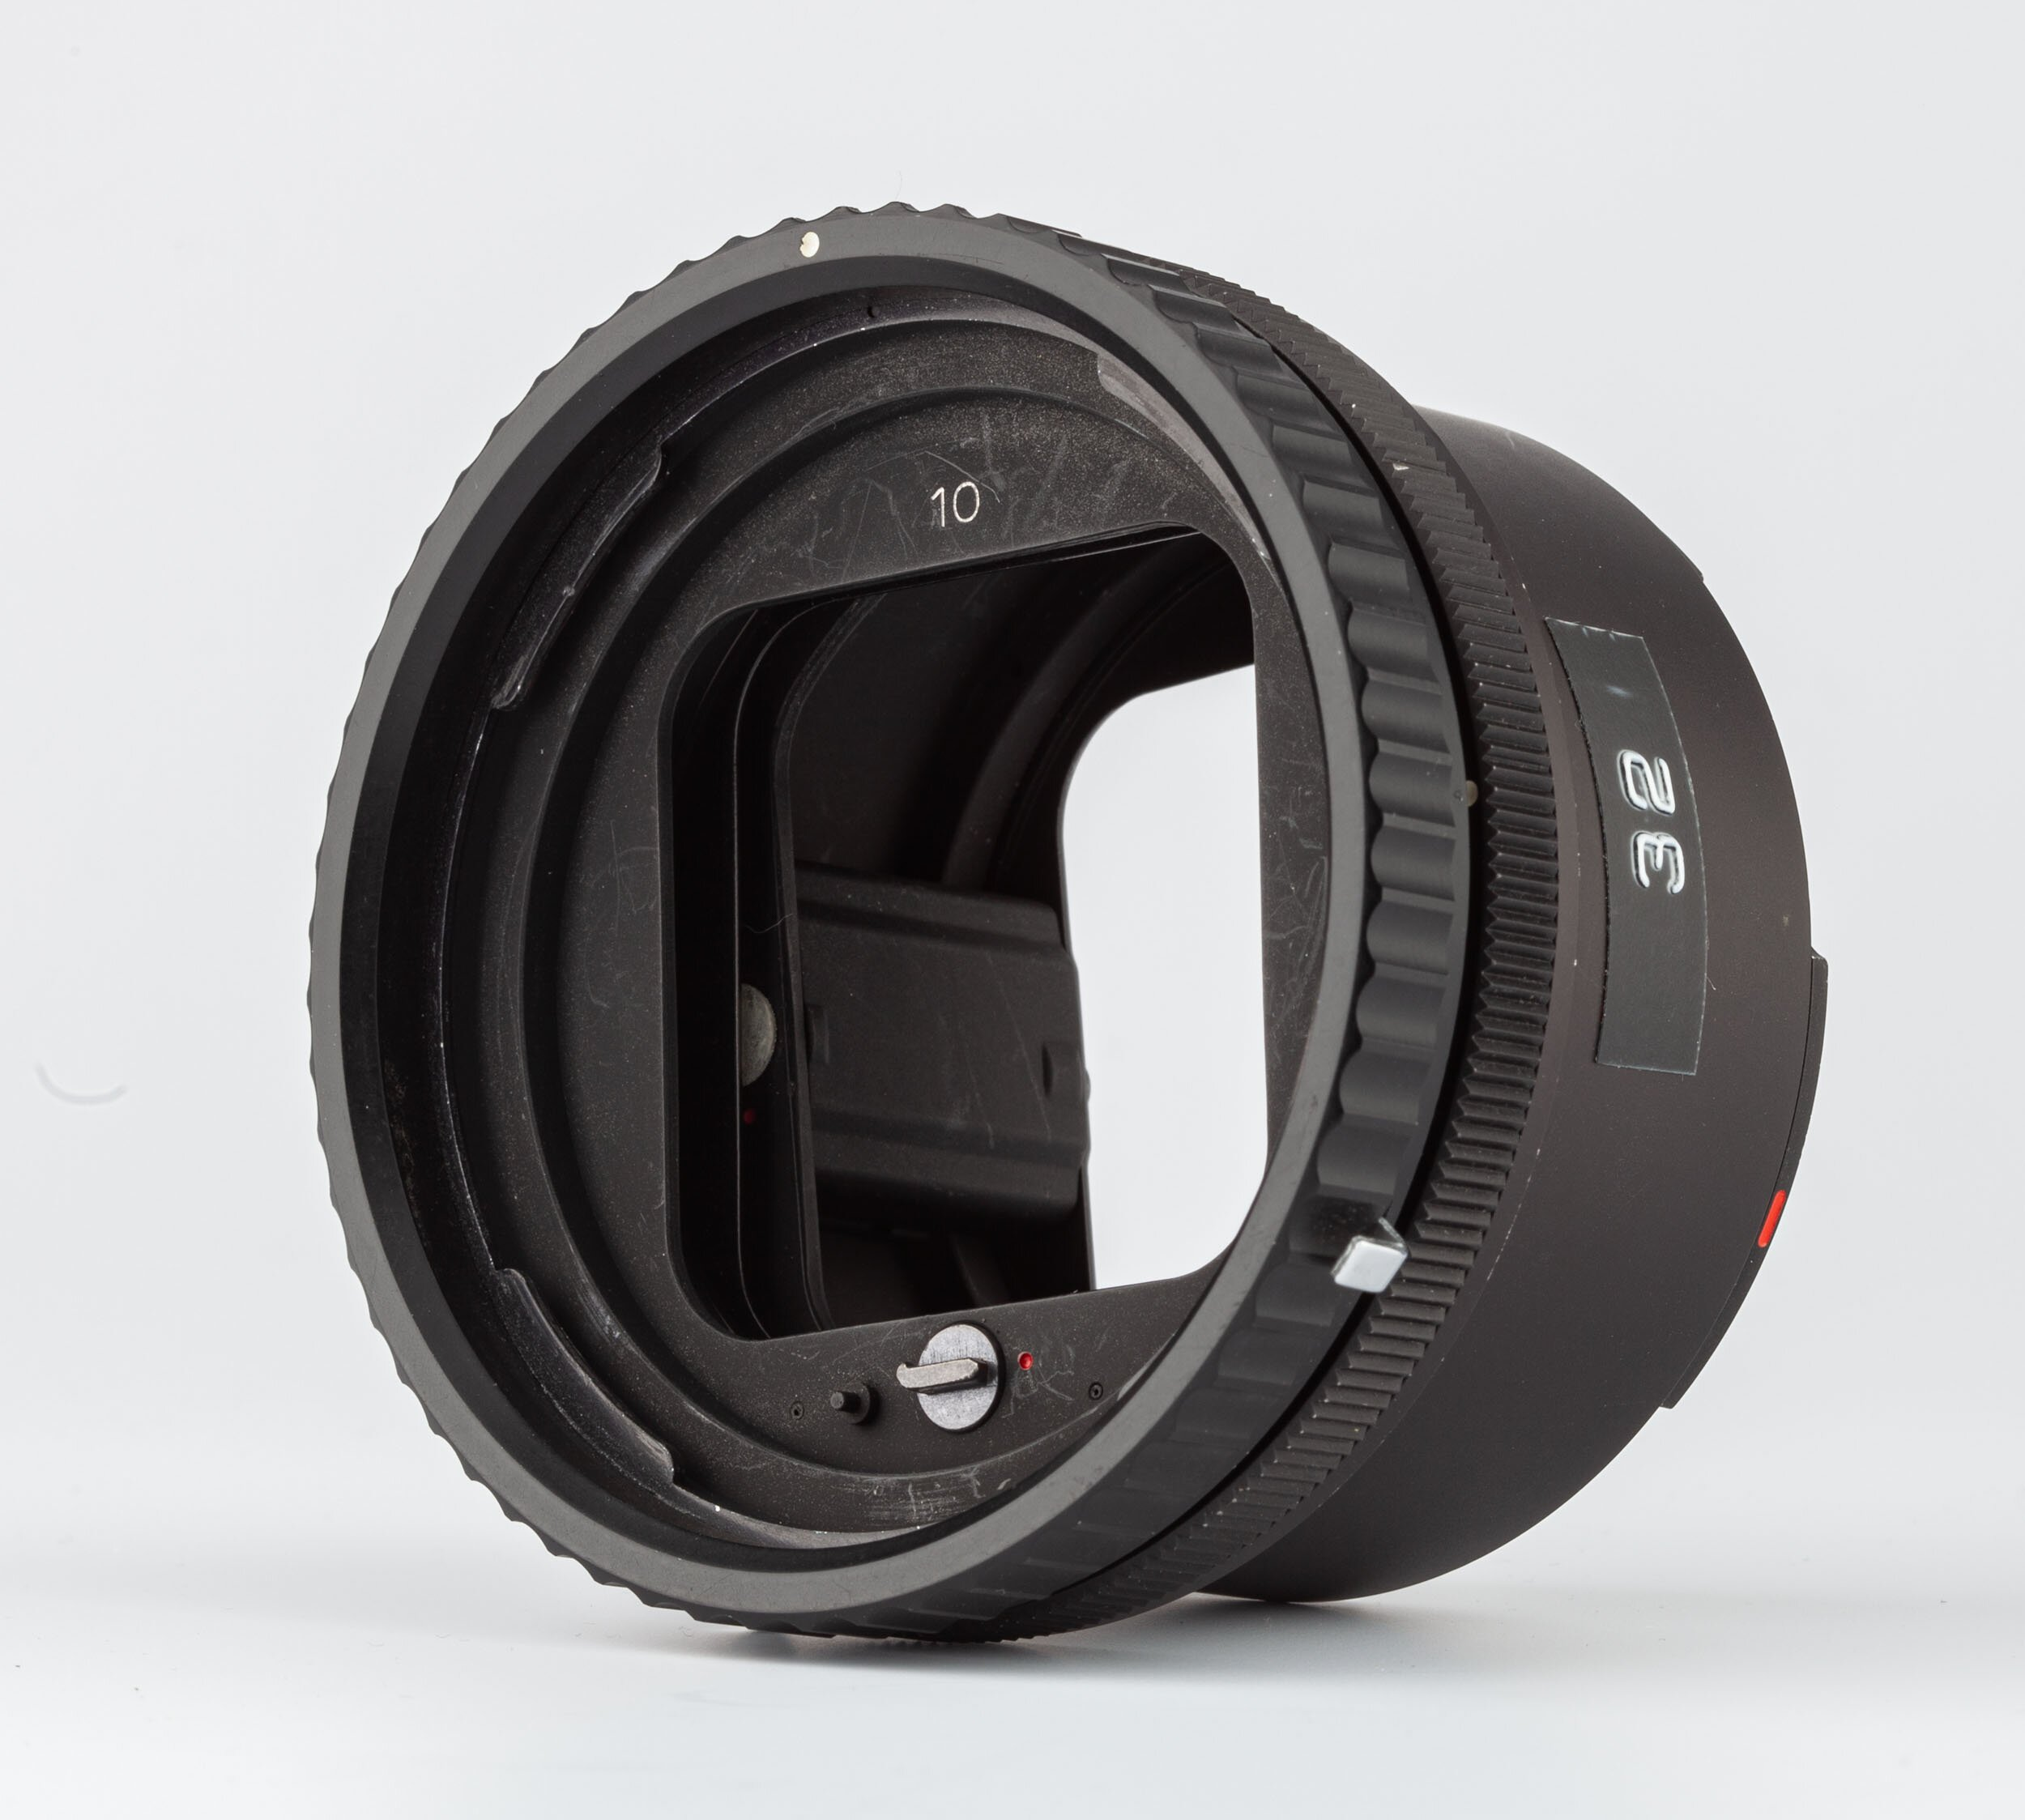 Hasselblad V-System Zwischenring 10 + 32mm